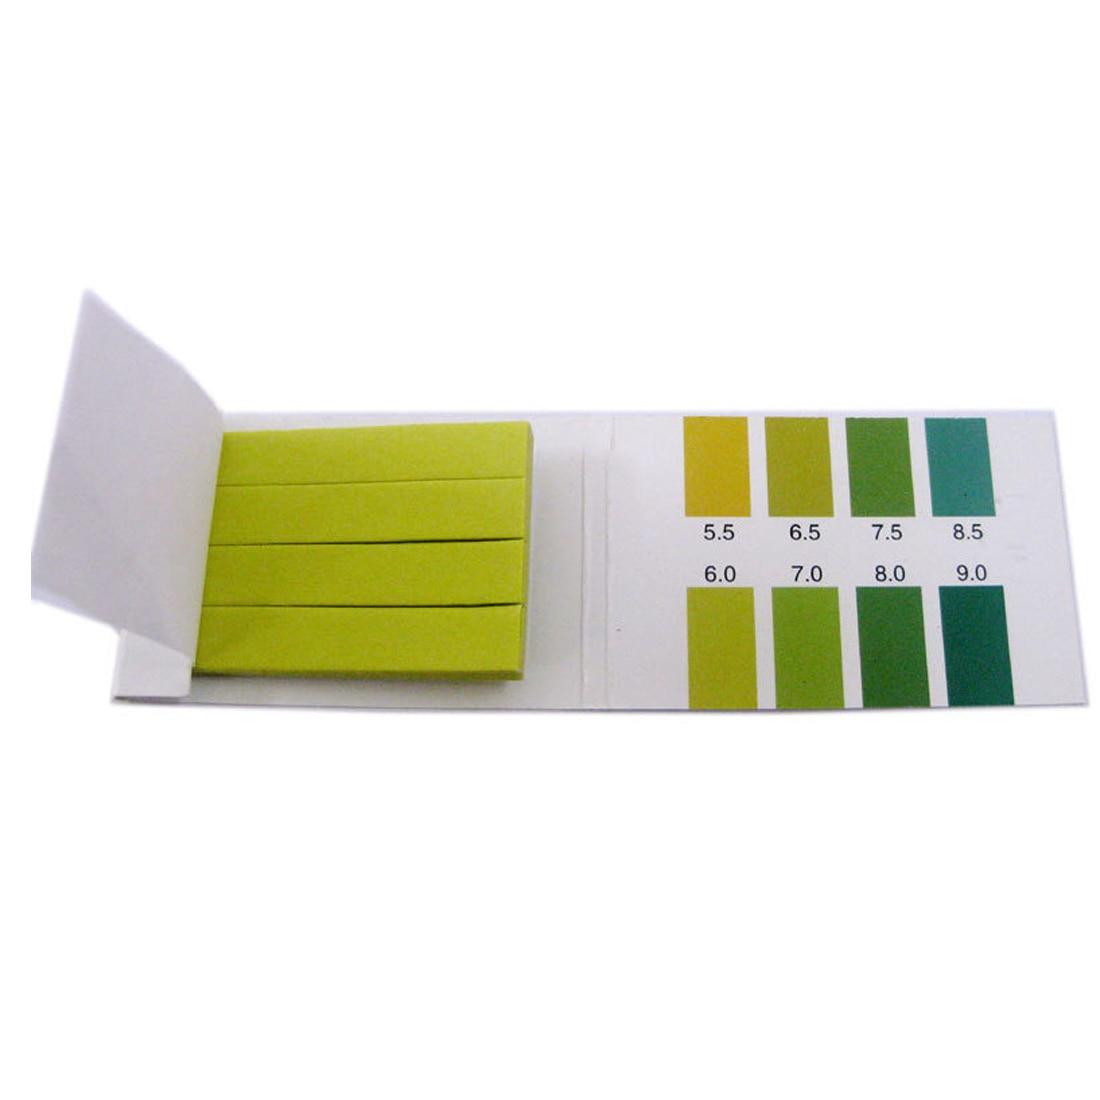 Portable 80 Strips PH Range 5.5-9.0 PH Meter Paper PH Alkaline Test Indicator Papers Water Litmus Testing Kit Lab Supplies